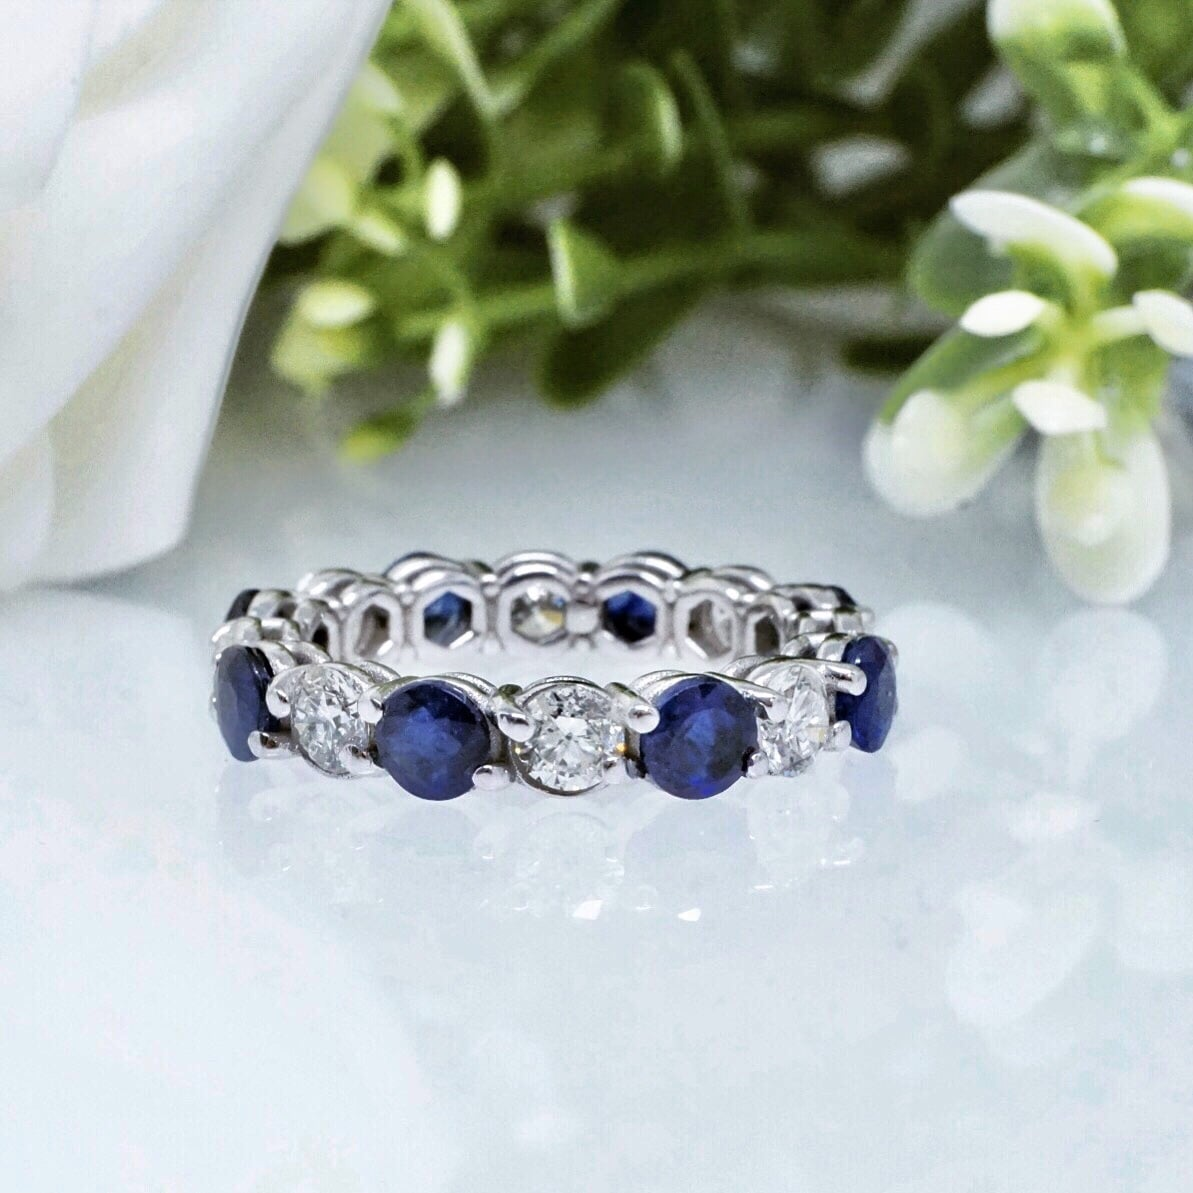 טבעת איטרניטי טבעת משובצת יהלומים ואבני ספיר